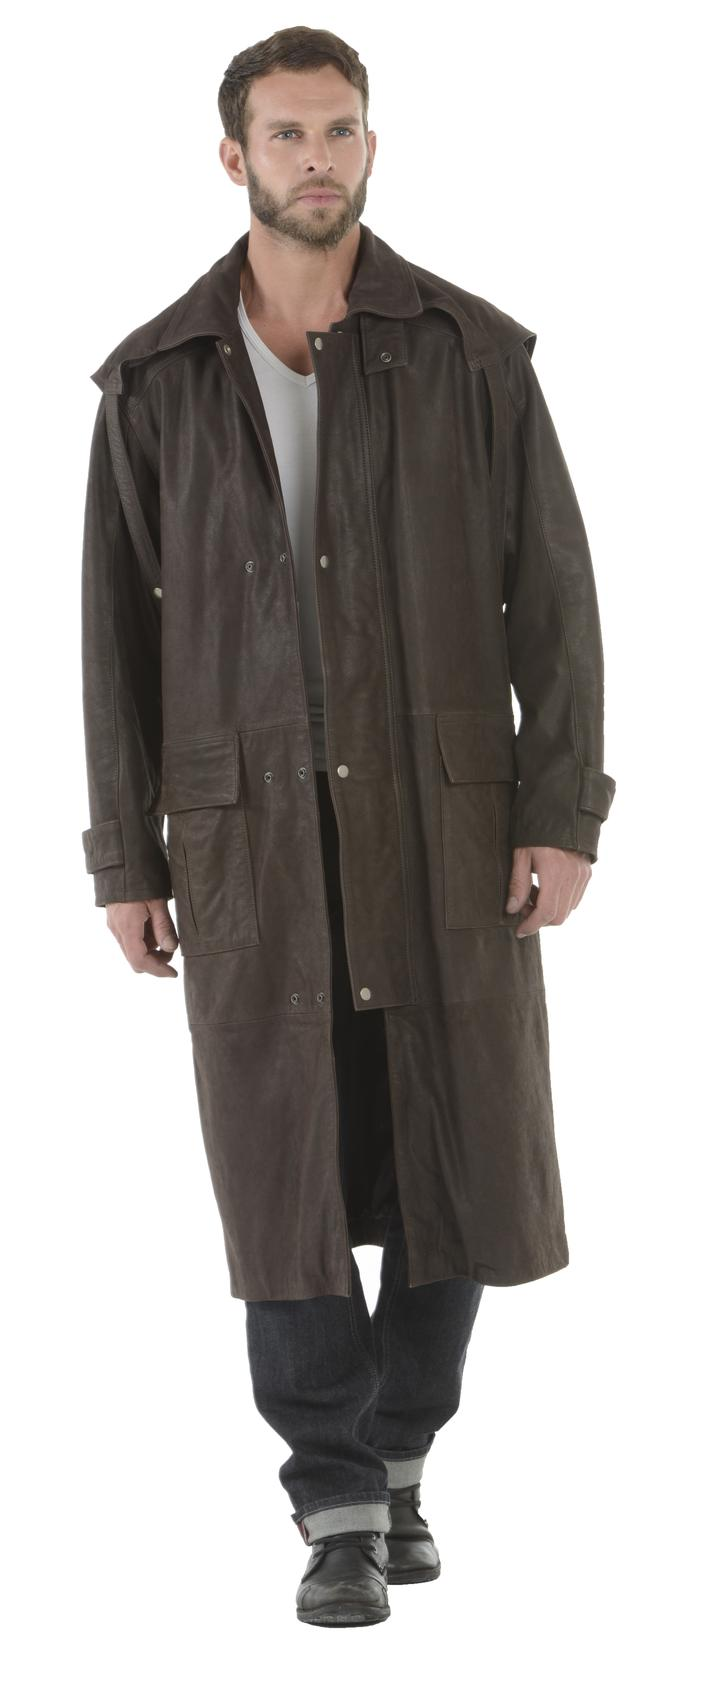 manteau cache poussiere cuir homme manteaux populaires. Black Bedroom Furniture Sets. Home Design Ideas